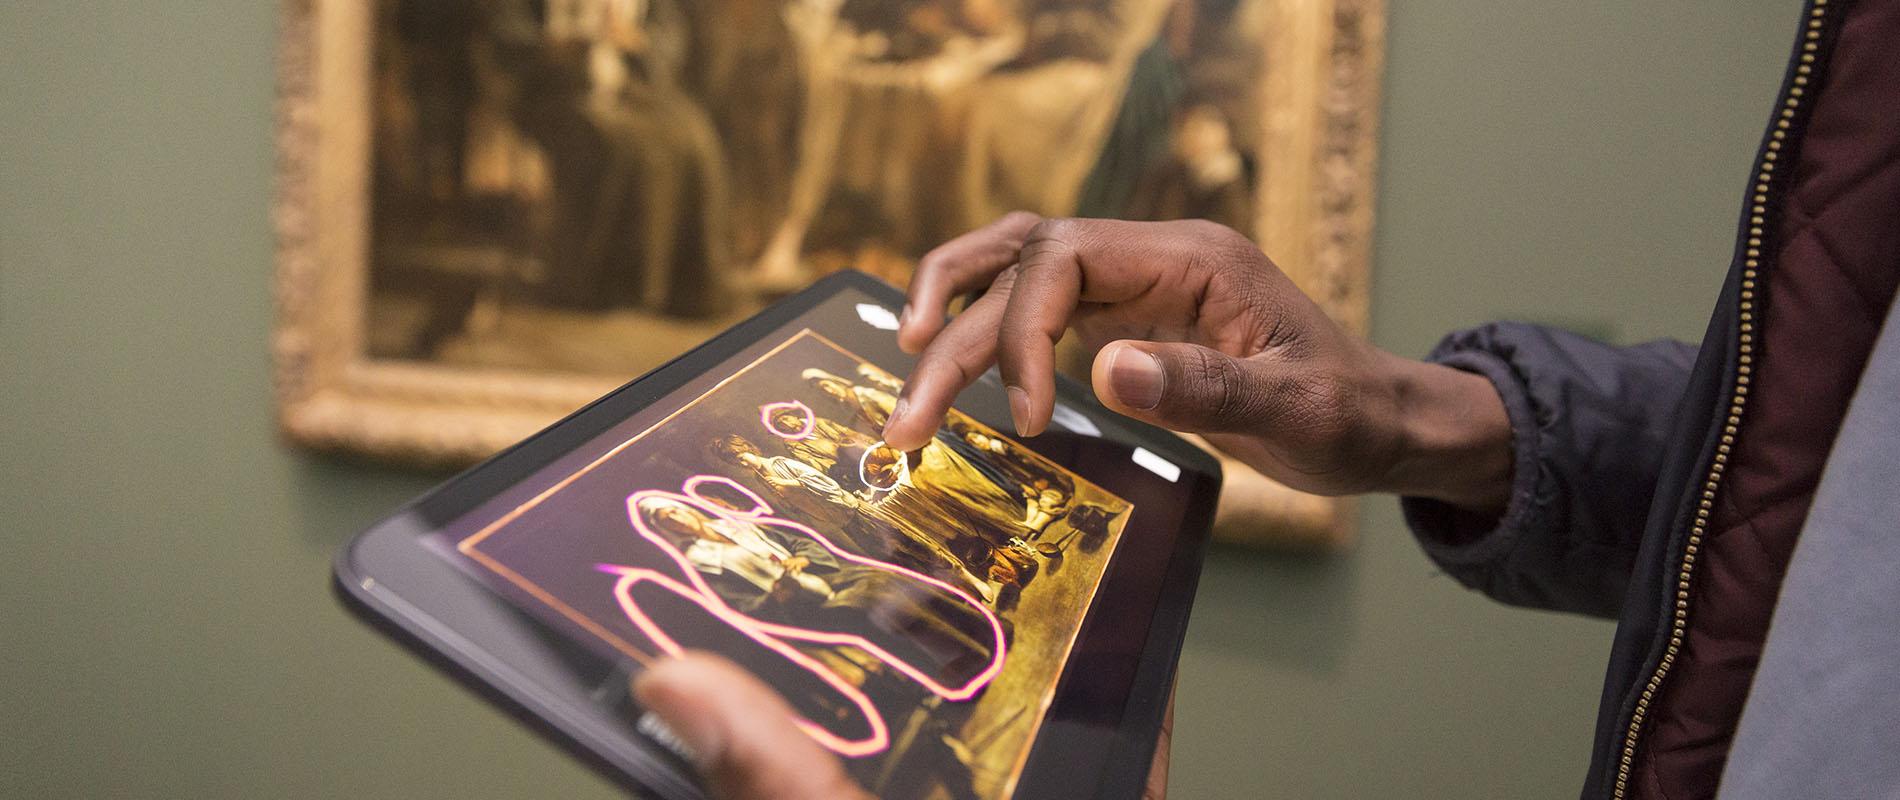 Photogrpahie d'une personne manipulant une tablette tactile